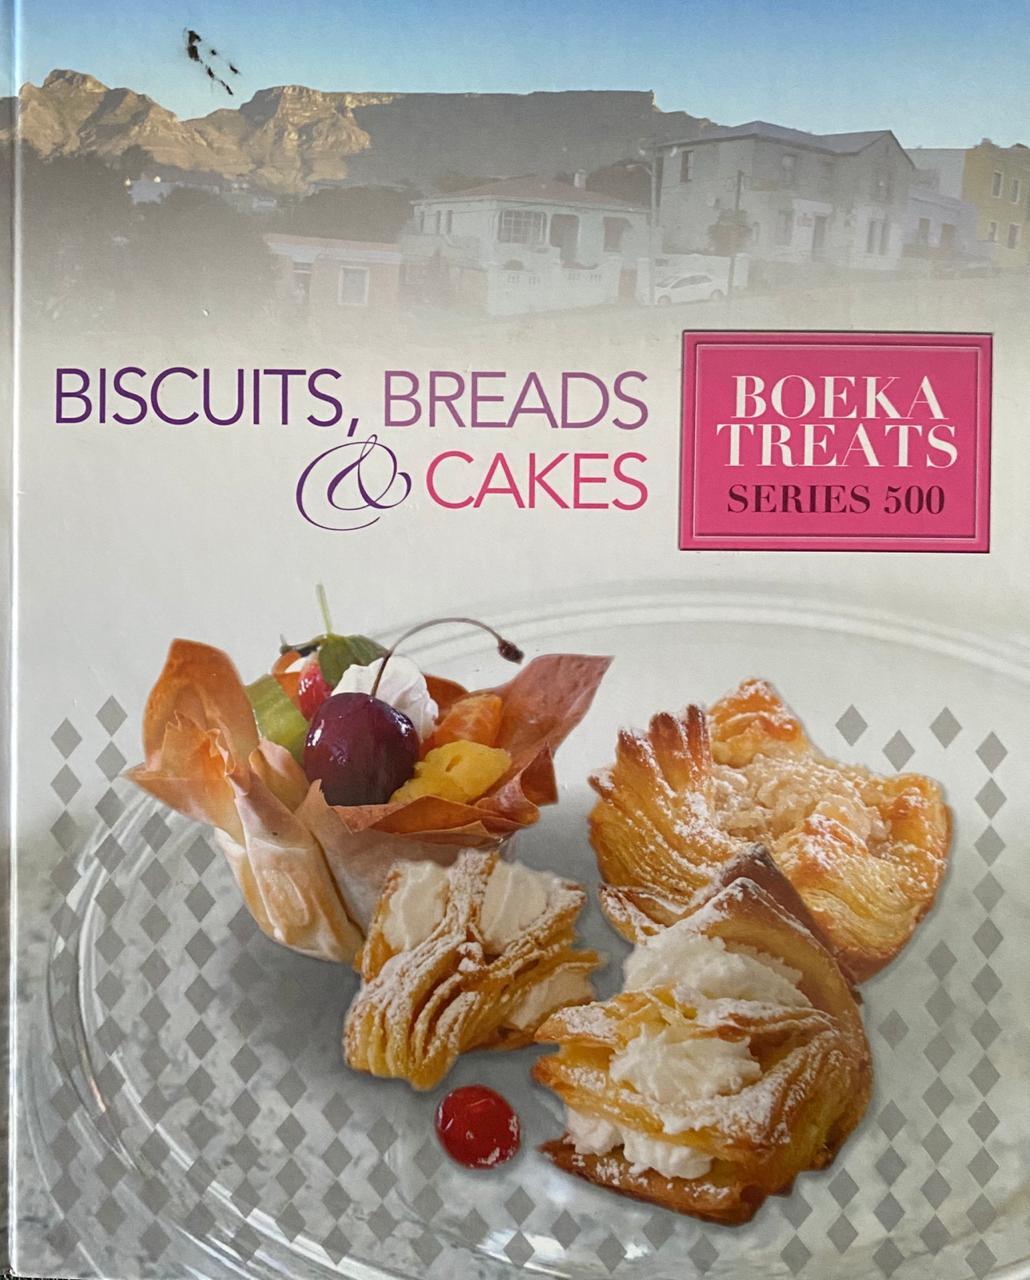 2017 Boeka Treats Series 500 Vol 2 Biscuits Boorhaanol Islam Movement